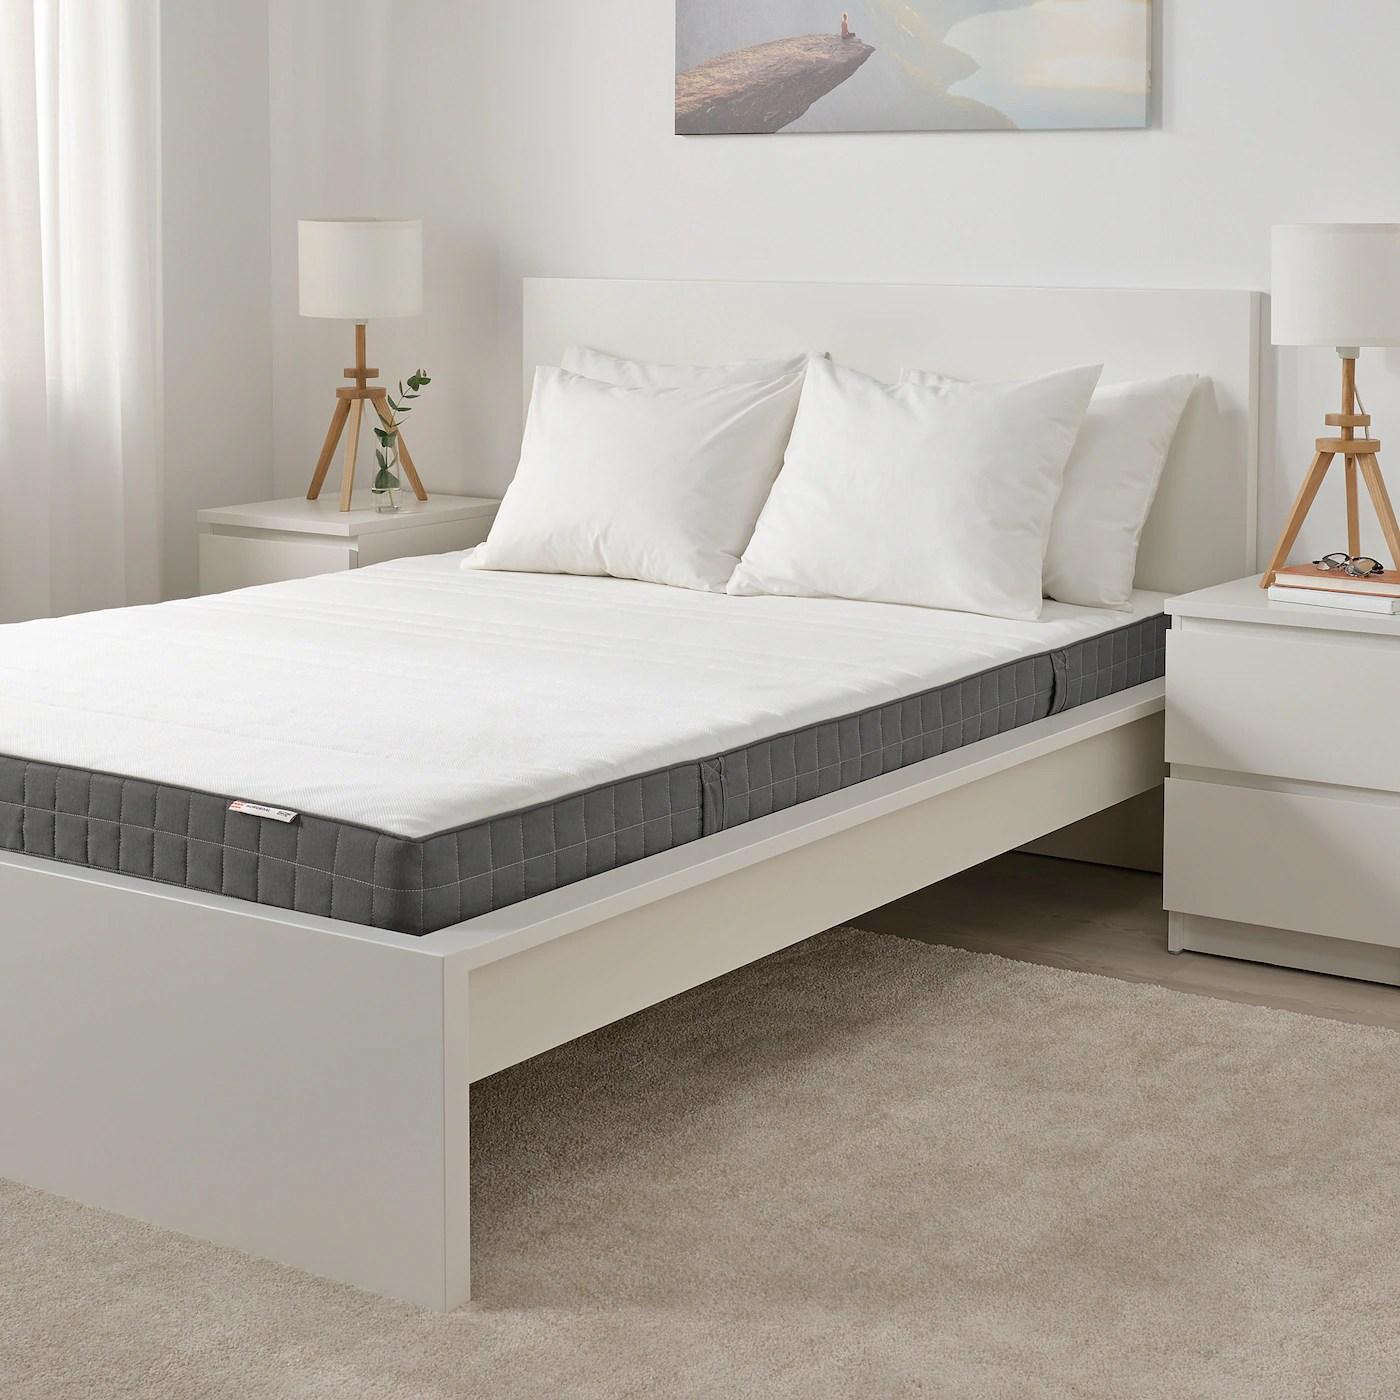 Entrambe le sue componenti, il legno e il cotone, sono materiali rinnovabili, così da. Morgedal Materasso In Schiuma Rigido Grigio Scuro 160x200 Cm Ikea Svizzera